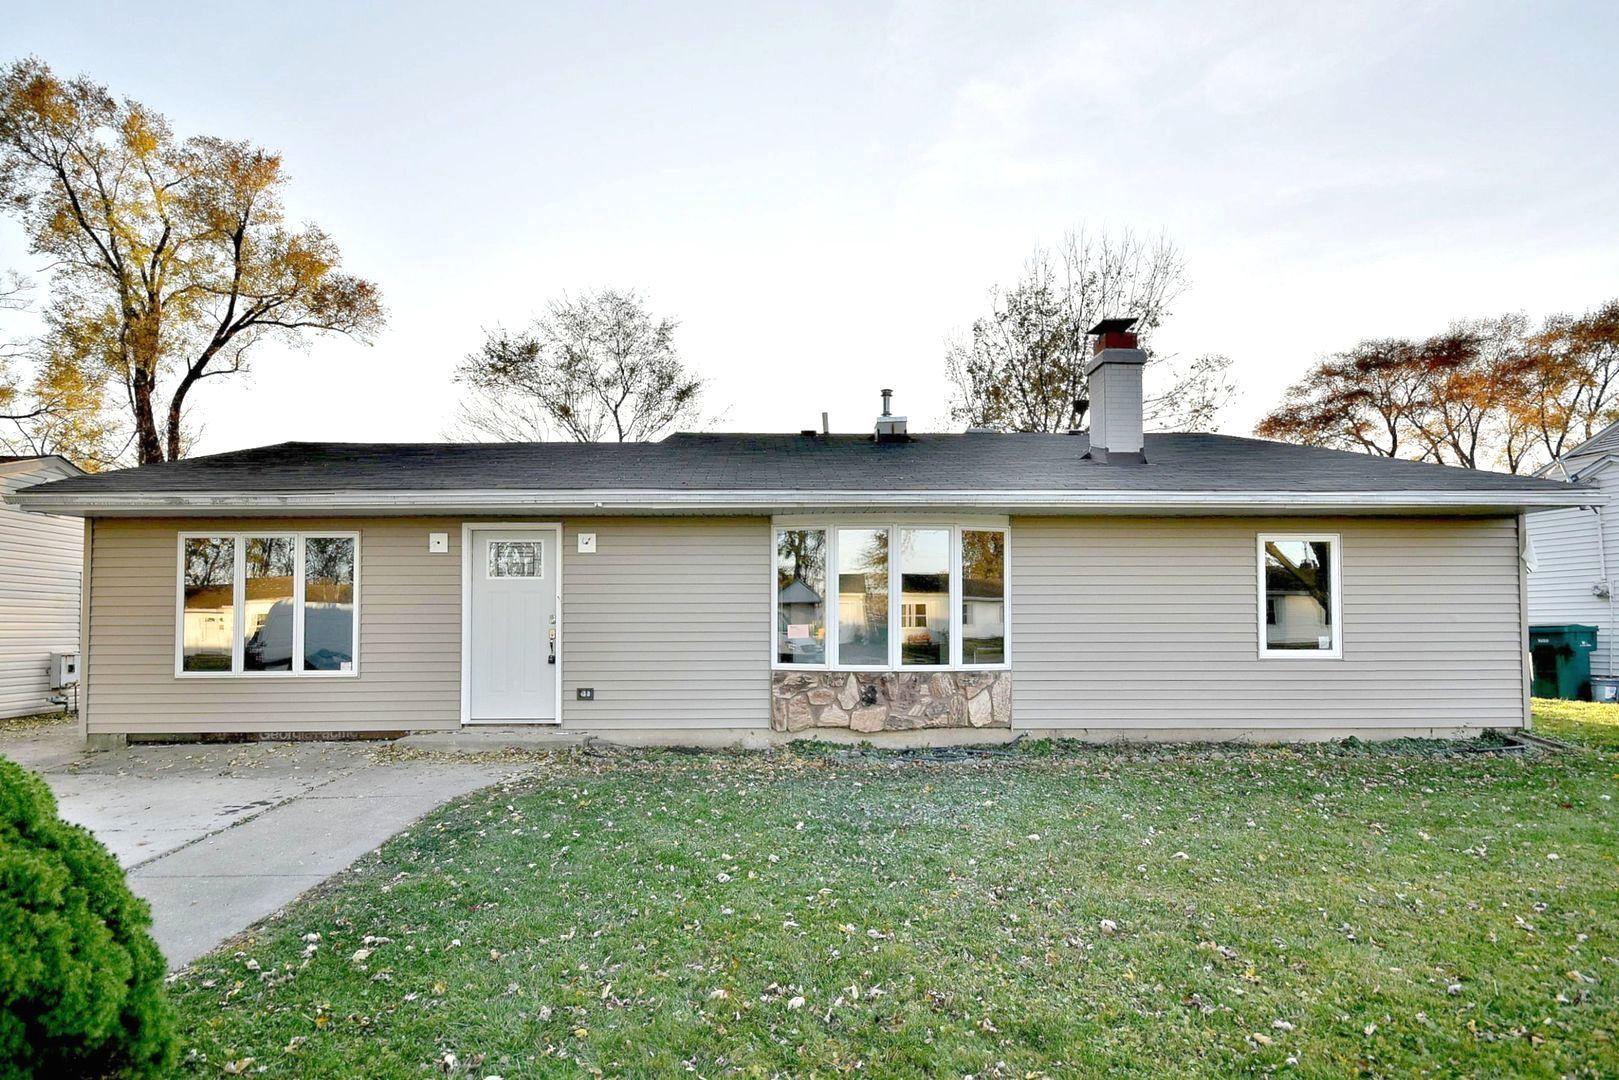 Photo of 626 Fenton Avenue, Romeoville, IL 60446 (MLS # 10928081)